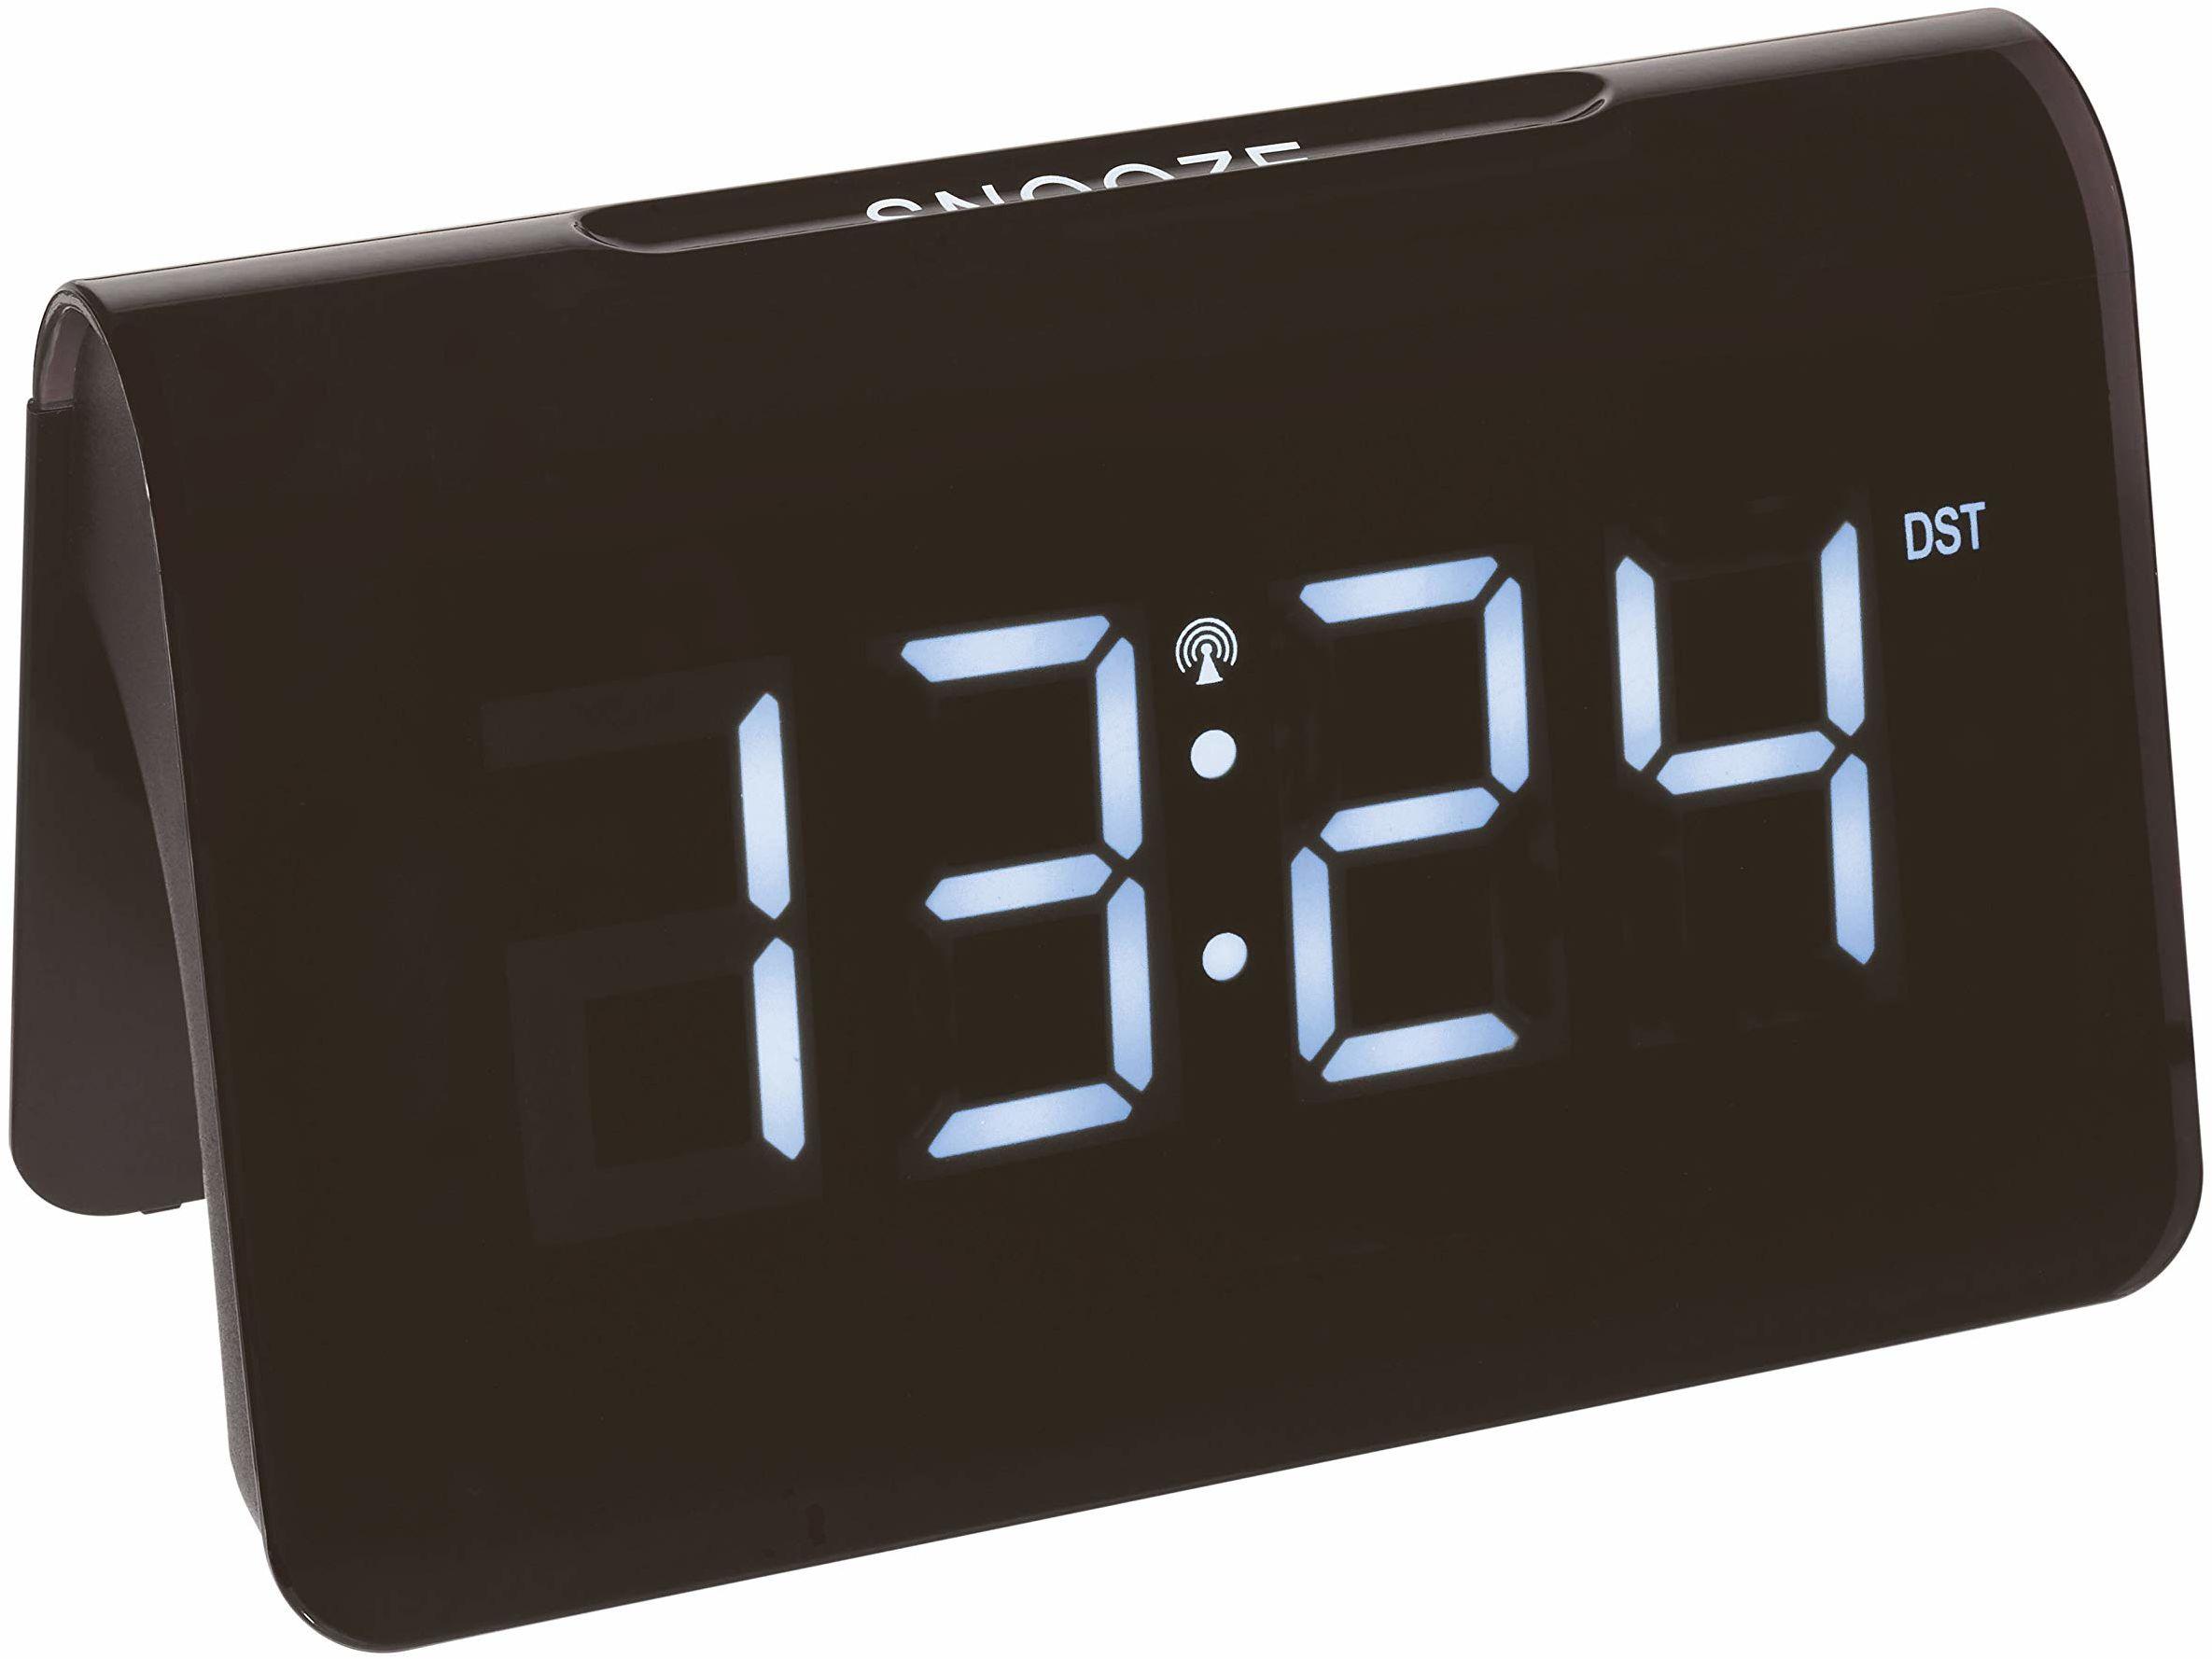 TFA Dostmann ICON cyfrowy budzik radiowy, 60.2543.02, zegar radiowy, tworzywo sztuczne, czarny, dł. 140 x szer. 120 x wys. 120 mm